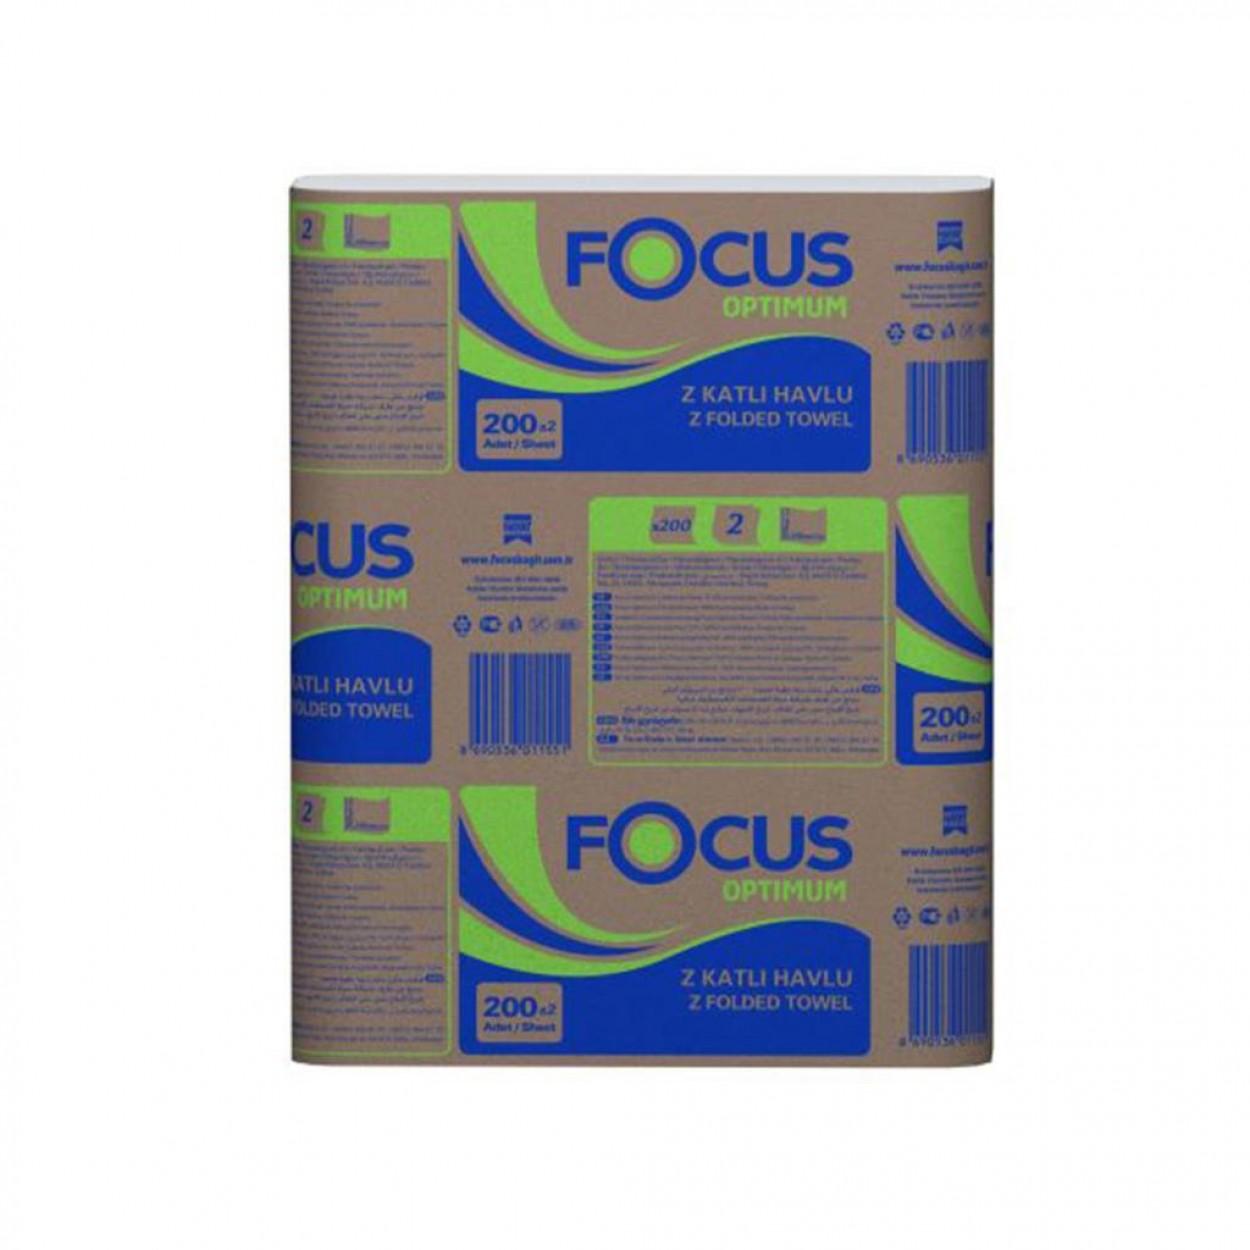 Focus Z Katlama Kağıt Havlu 200 Yaprak 12 Paket